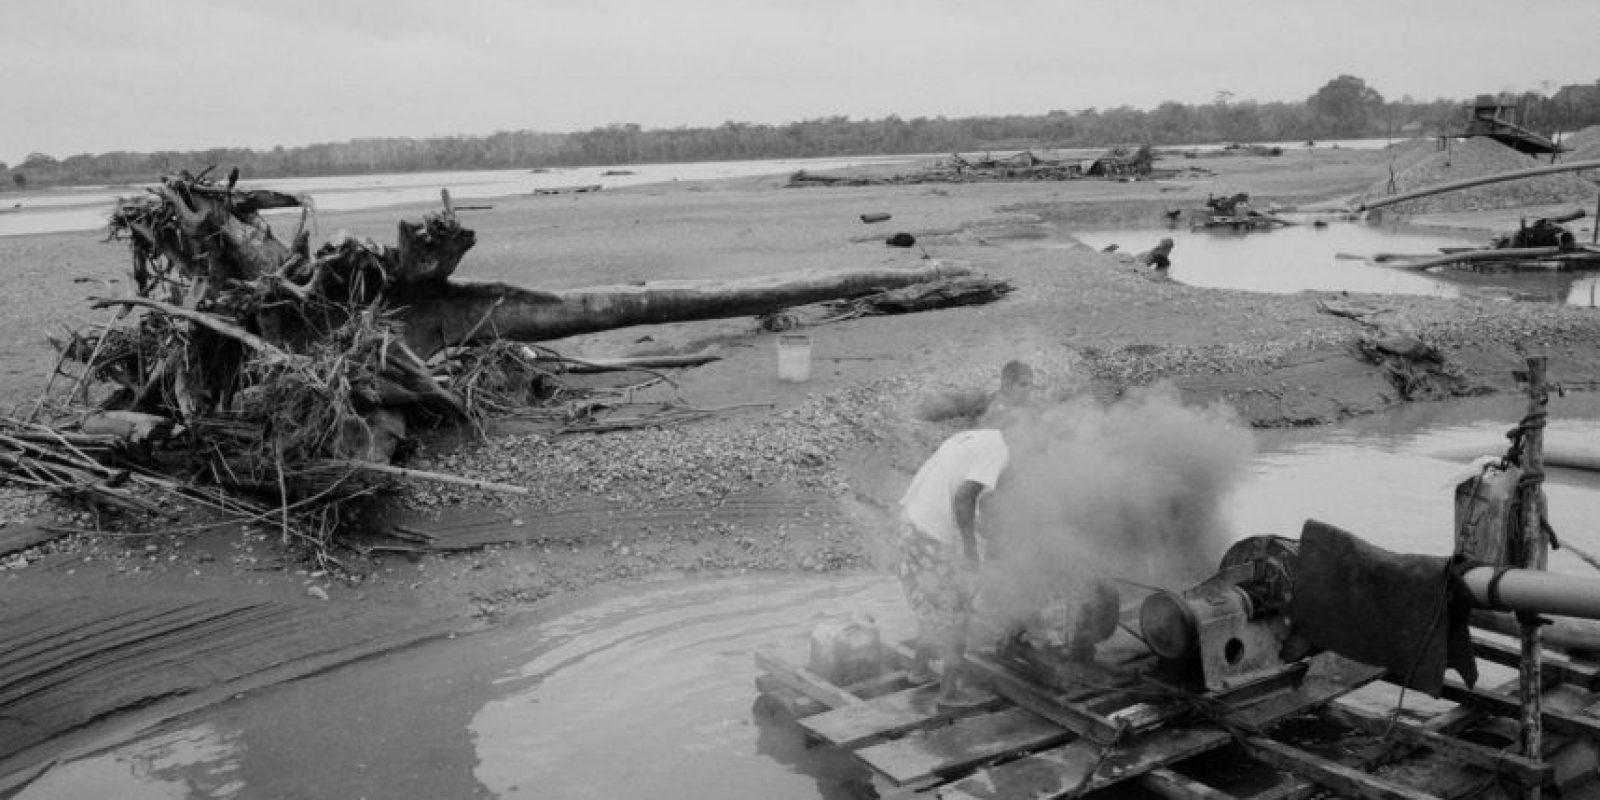 """En esta foto tomada el 24 de mayo de 2014, un minero opera una máquina hidráulica conocida localmente como """"chupadera"""", en un improvisado campamento minero en La Pampa, en la región Madre de Dios, Perú. La minería de oro ilegal ha convertido, durante la última década, la virginal selva peruana, de diez veces el tamaño de Manhattan, en un terreno valdío lleno de cicatrices. Foto:AP Photo/ Rodrigo Abd"""